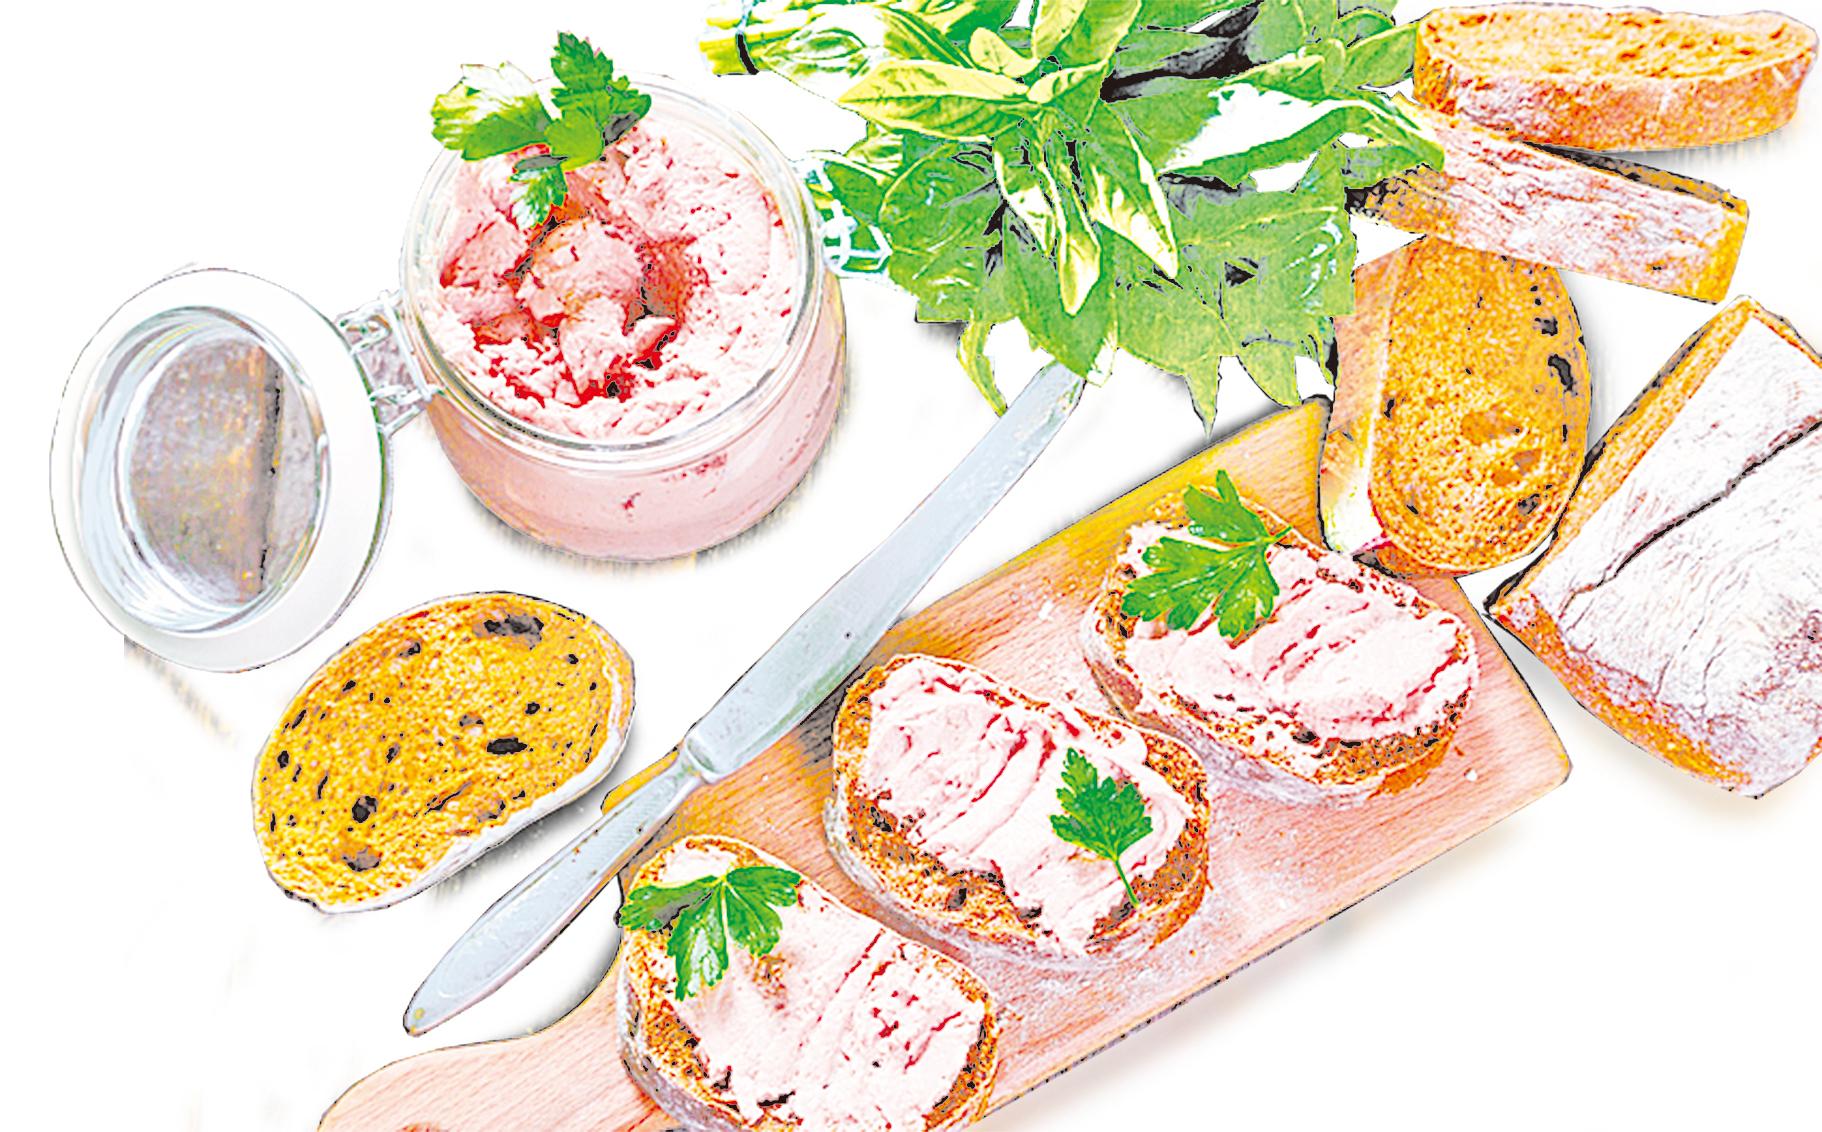 簡單將麵包切片後塗上抹醬,是非常簡便的吃法。